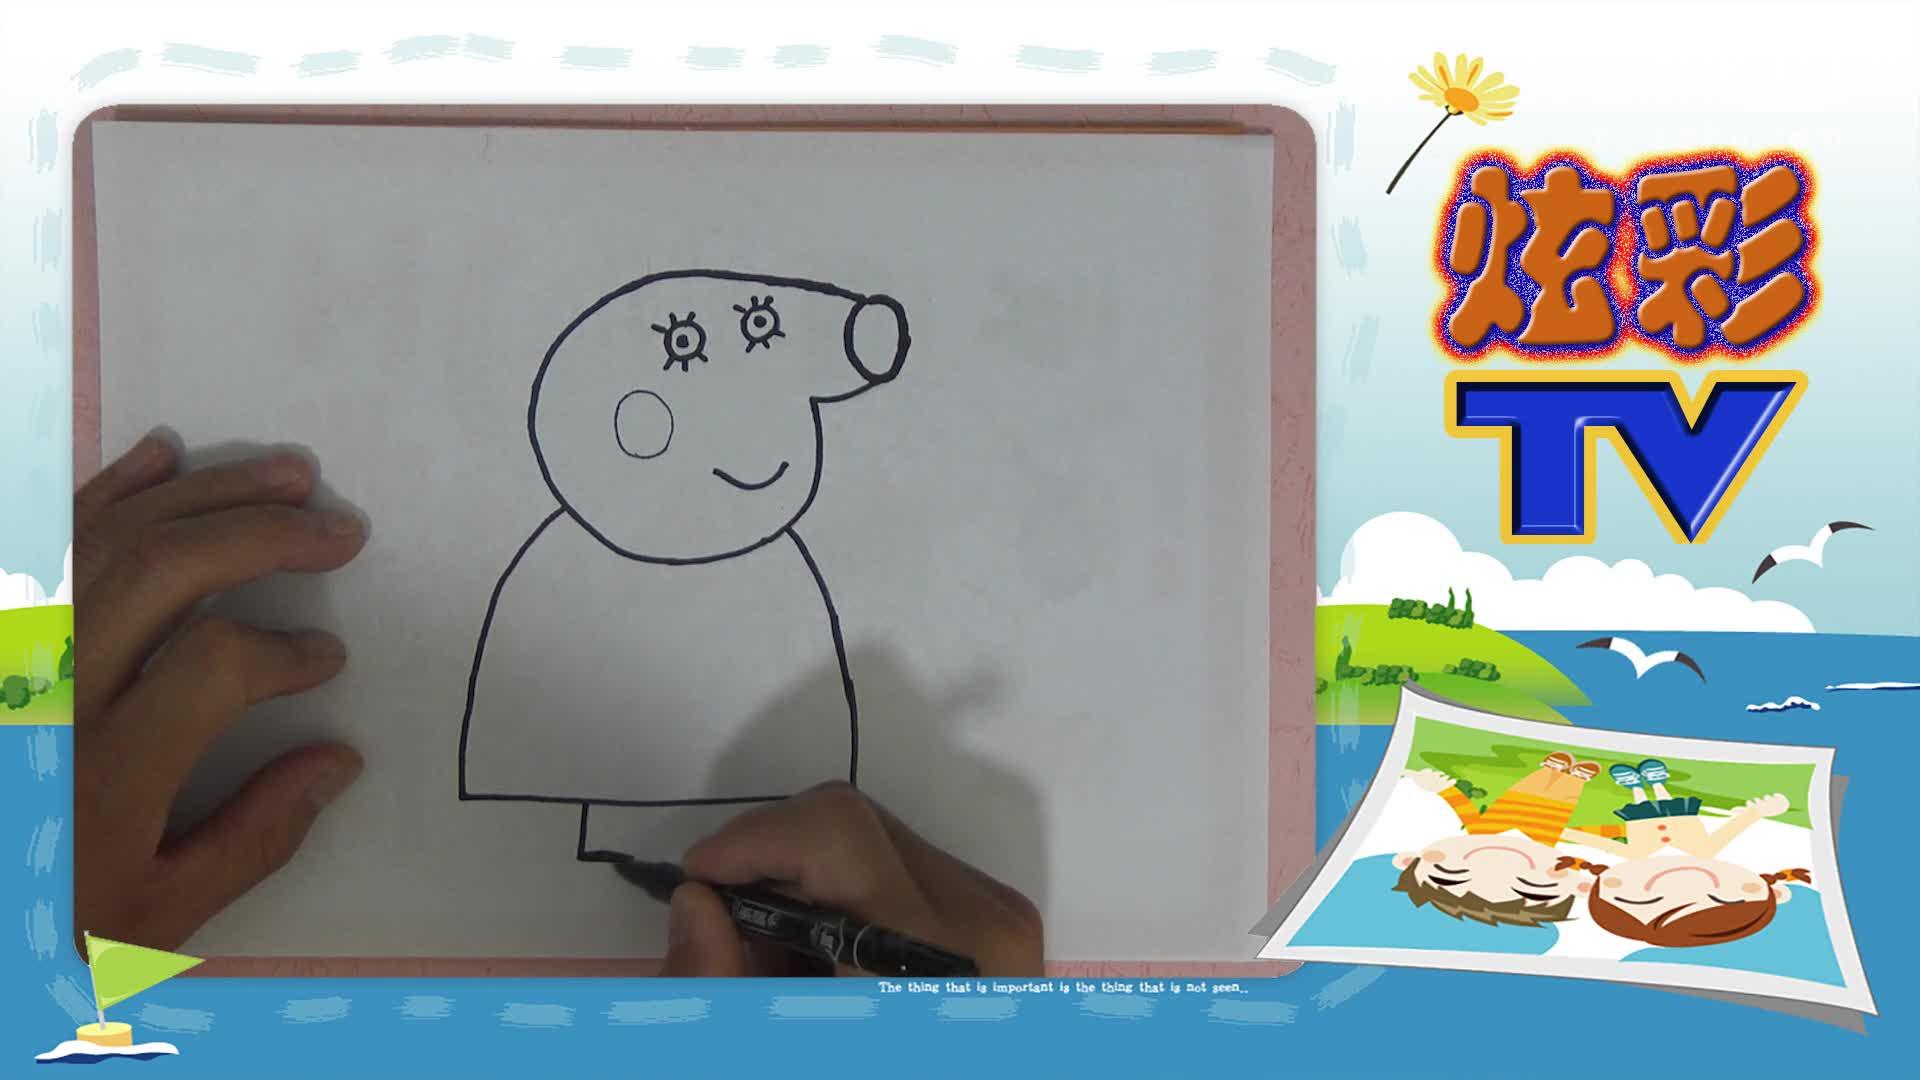 【炫彩简笔画】粉红小猪佩奇儿童简笔画视频教程大全